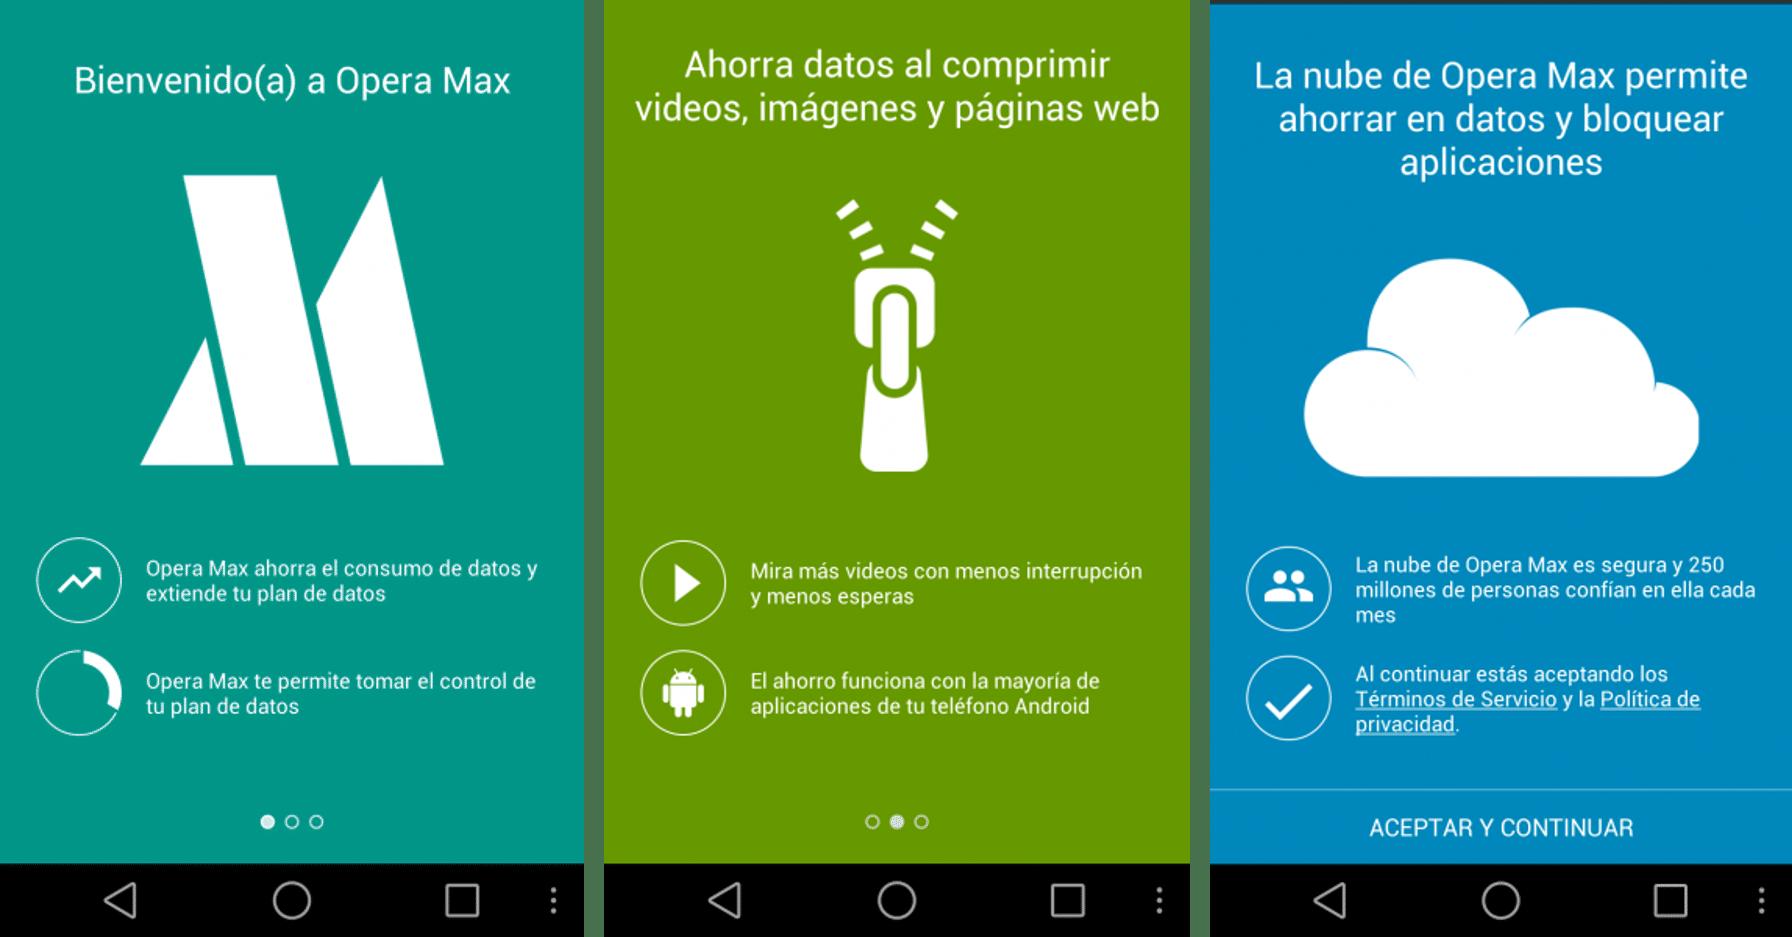 Opera Max controla el consumo de Bateria y Datos